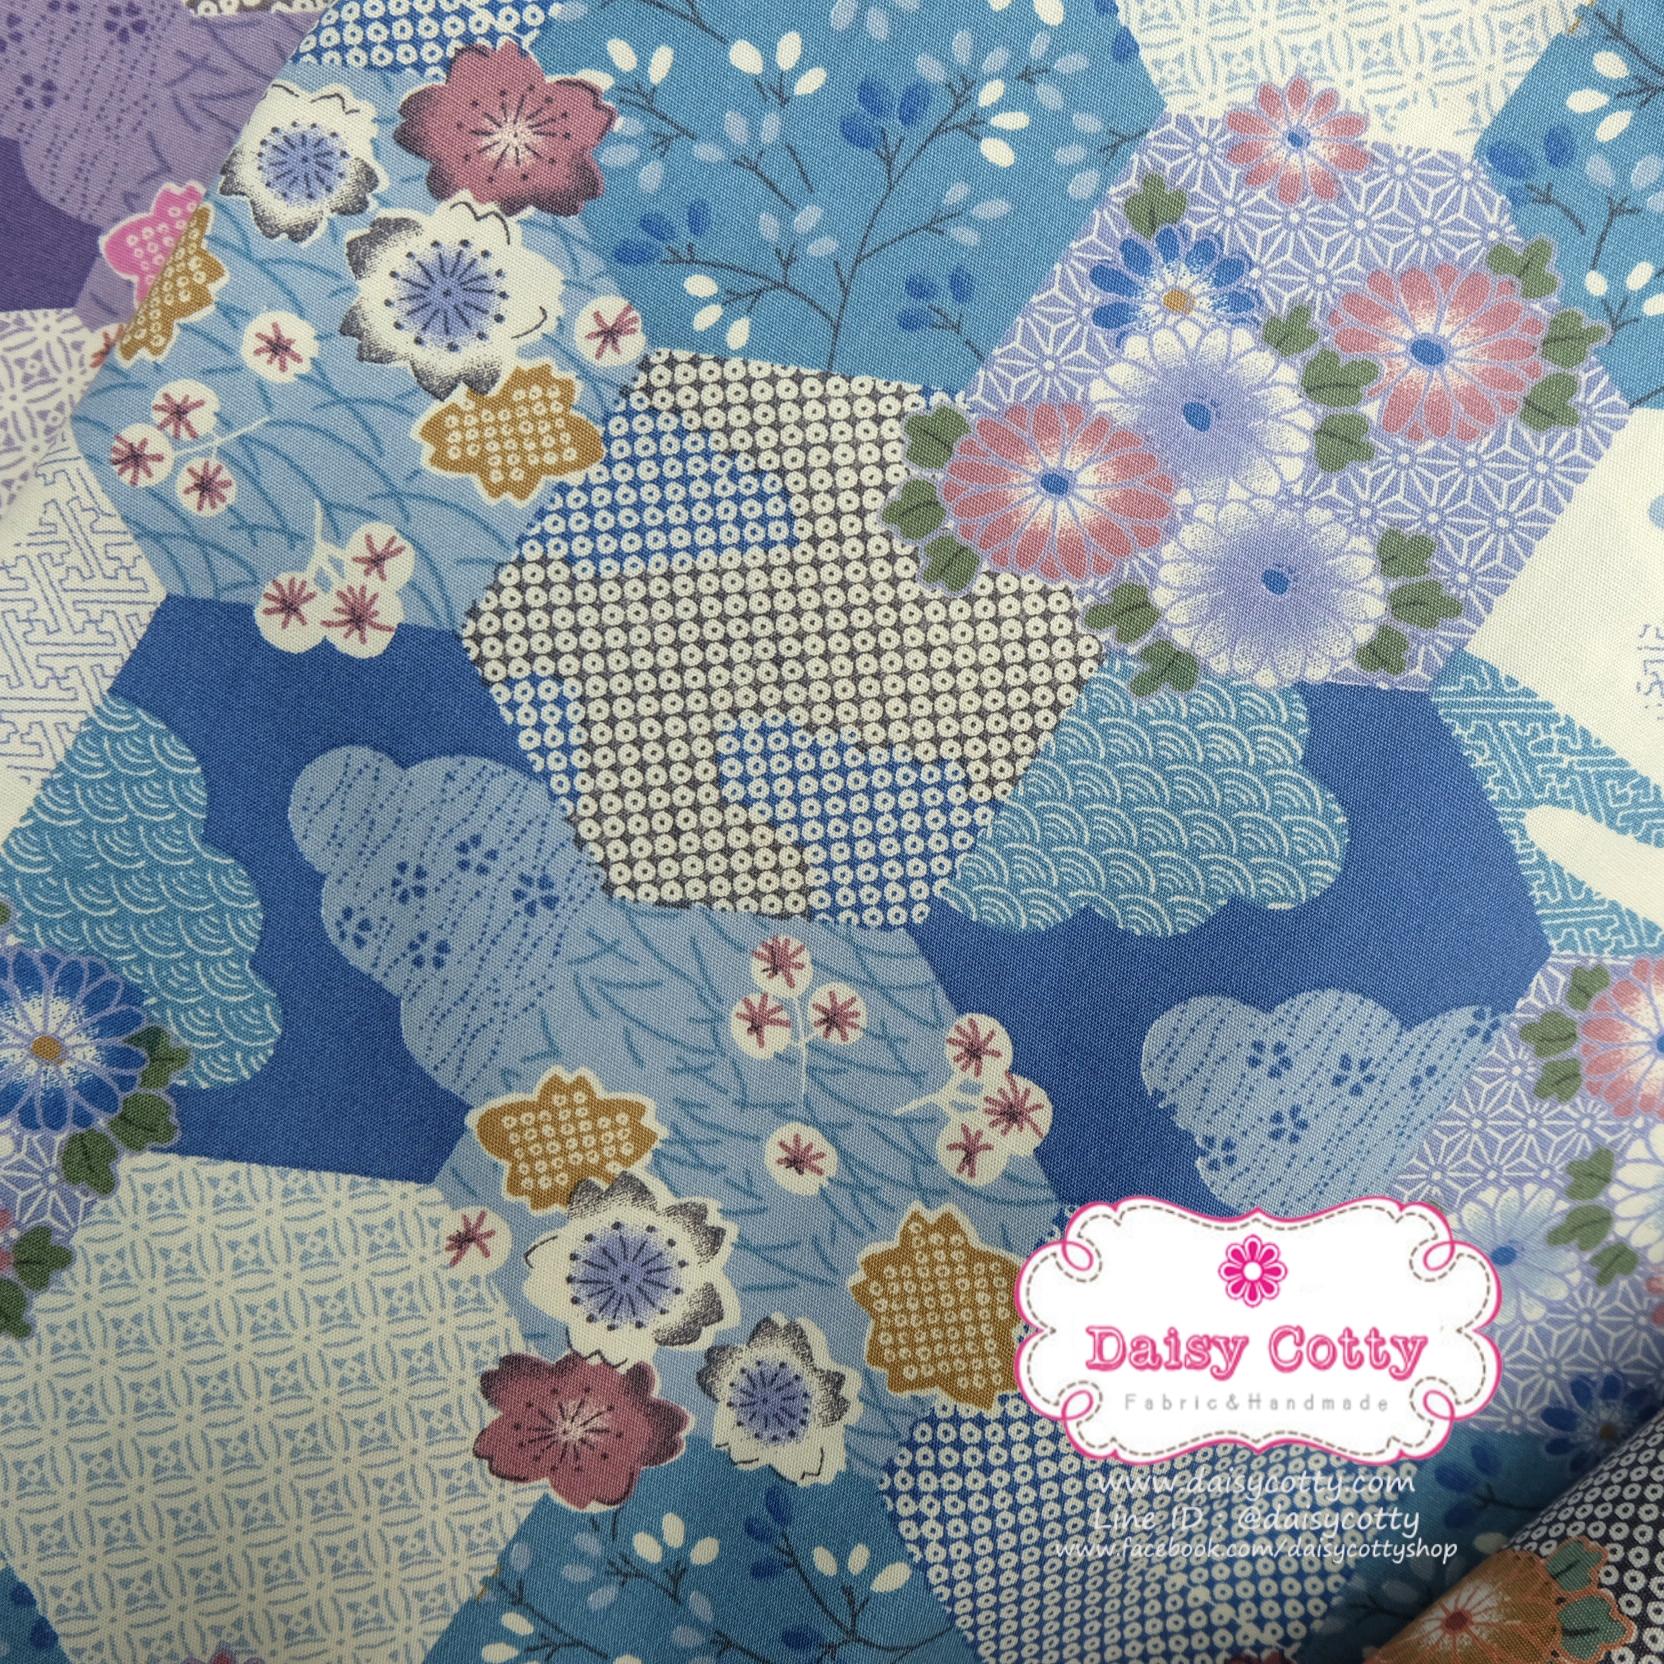 ผ้าคอตตอนไทย 100% 1/4ม.(50x55ซม.) ลายซากุระ โทนสีฟ้า